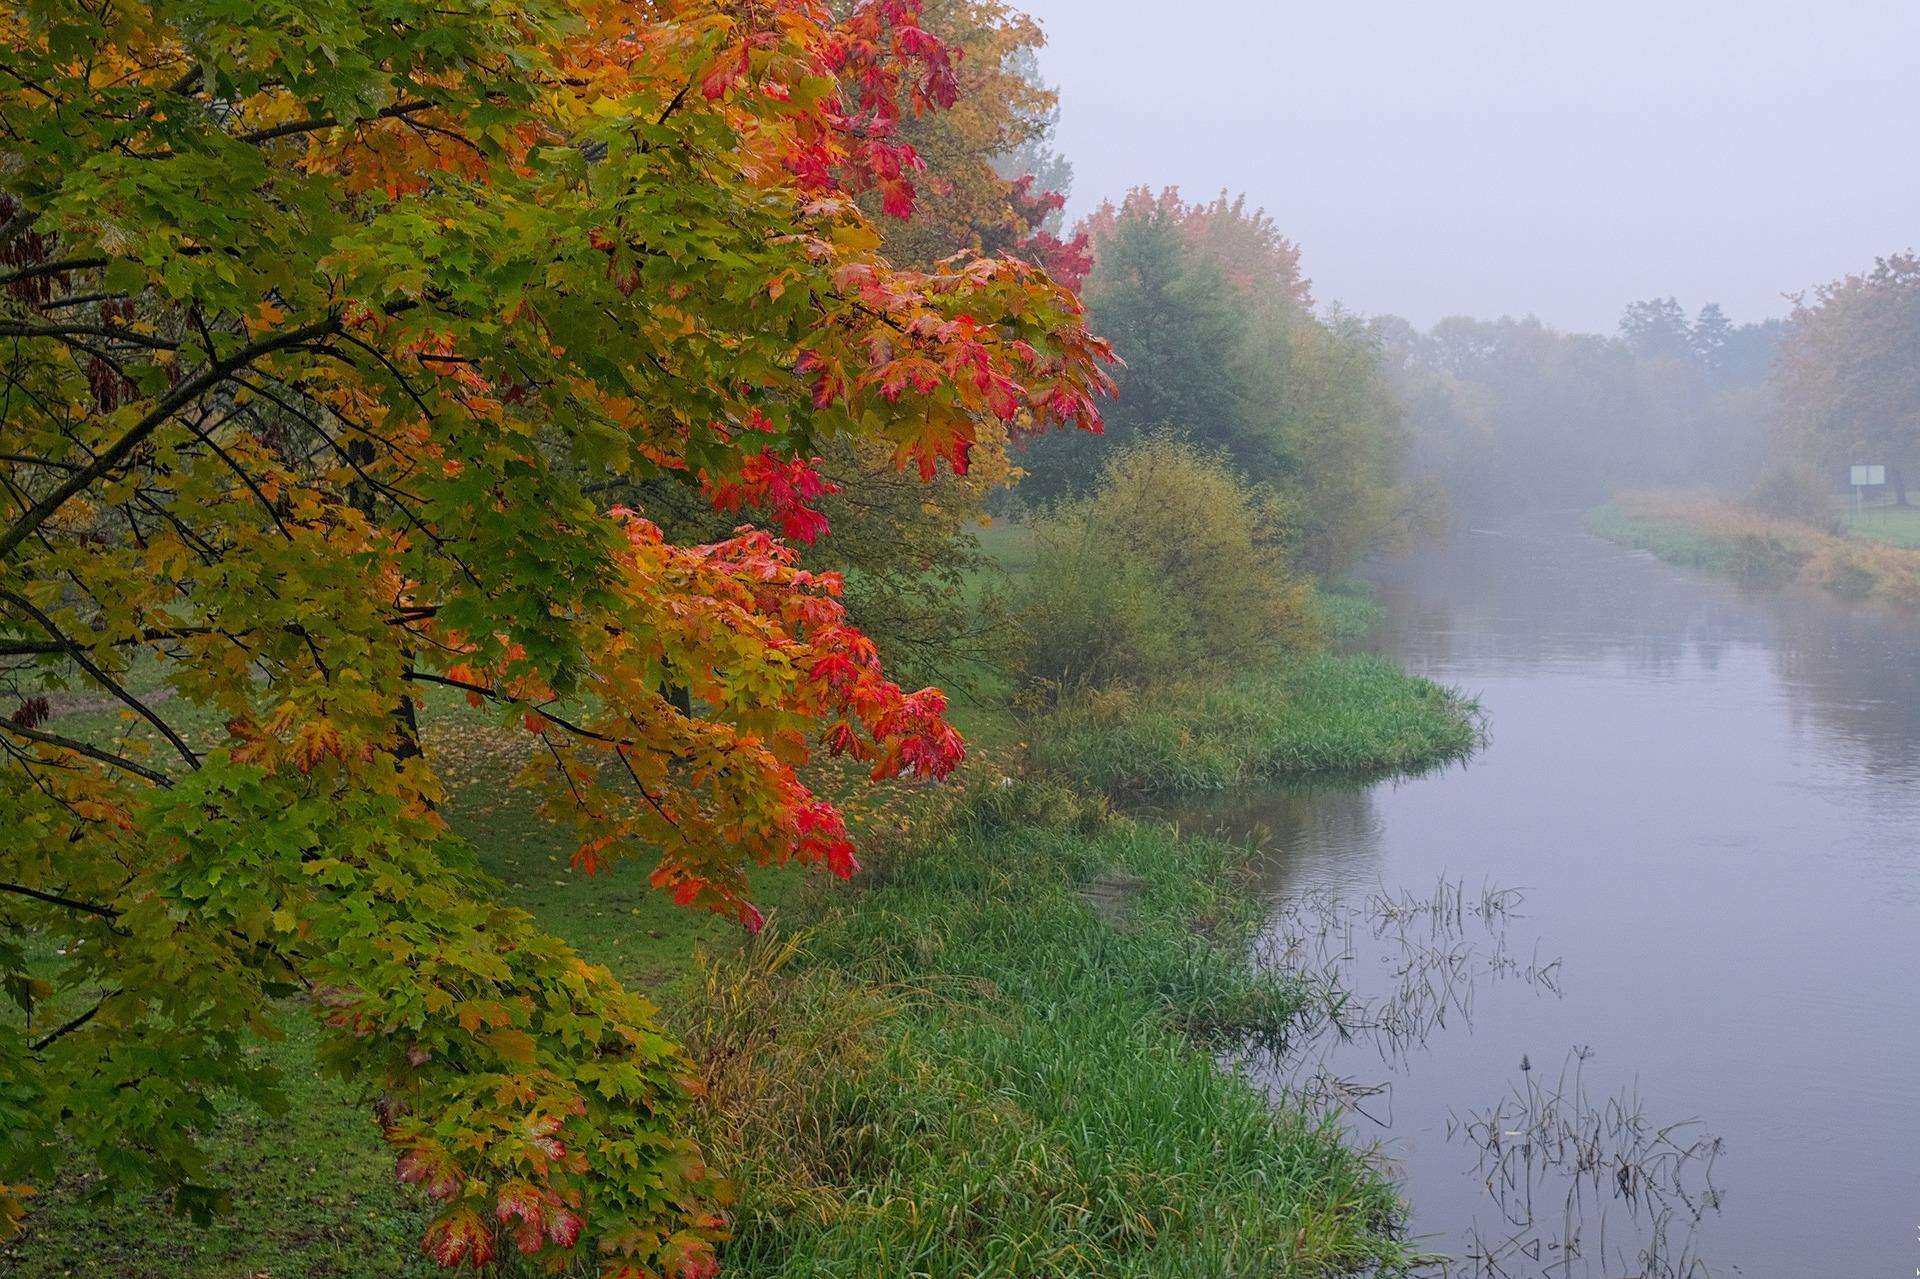 the-fog-2723356_1920.jpg